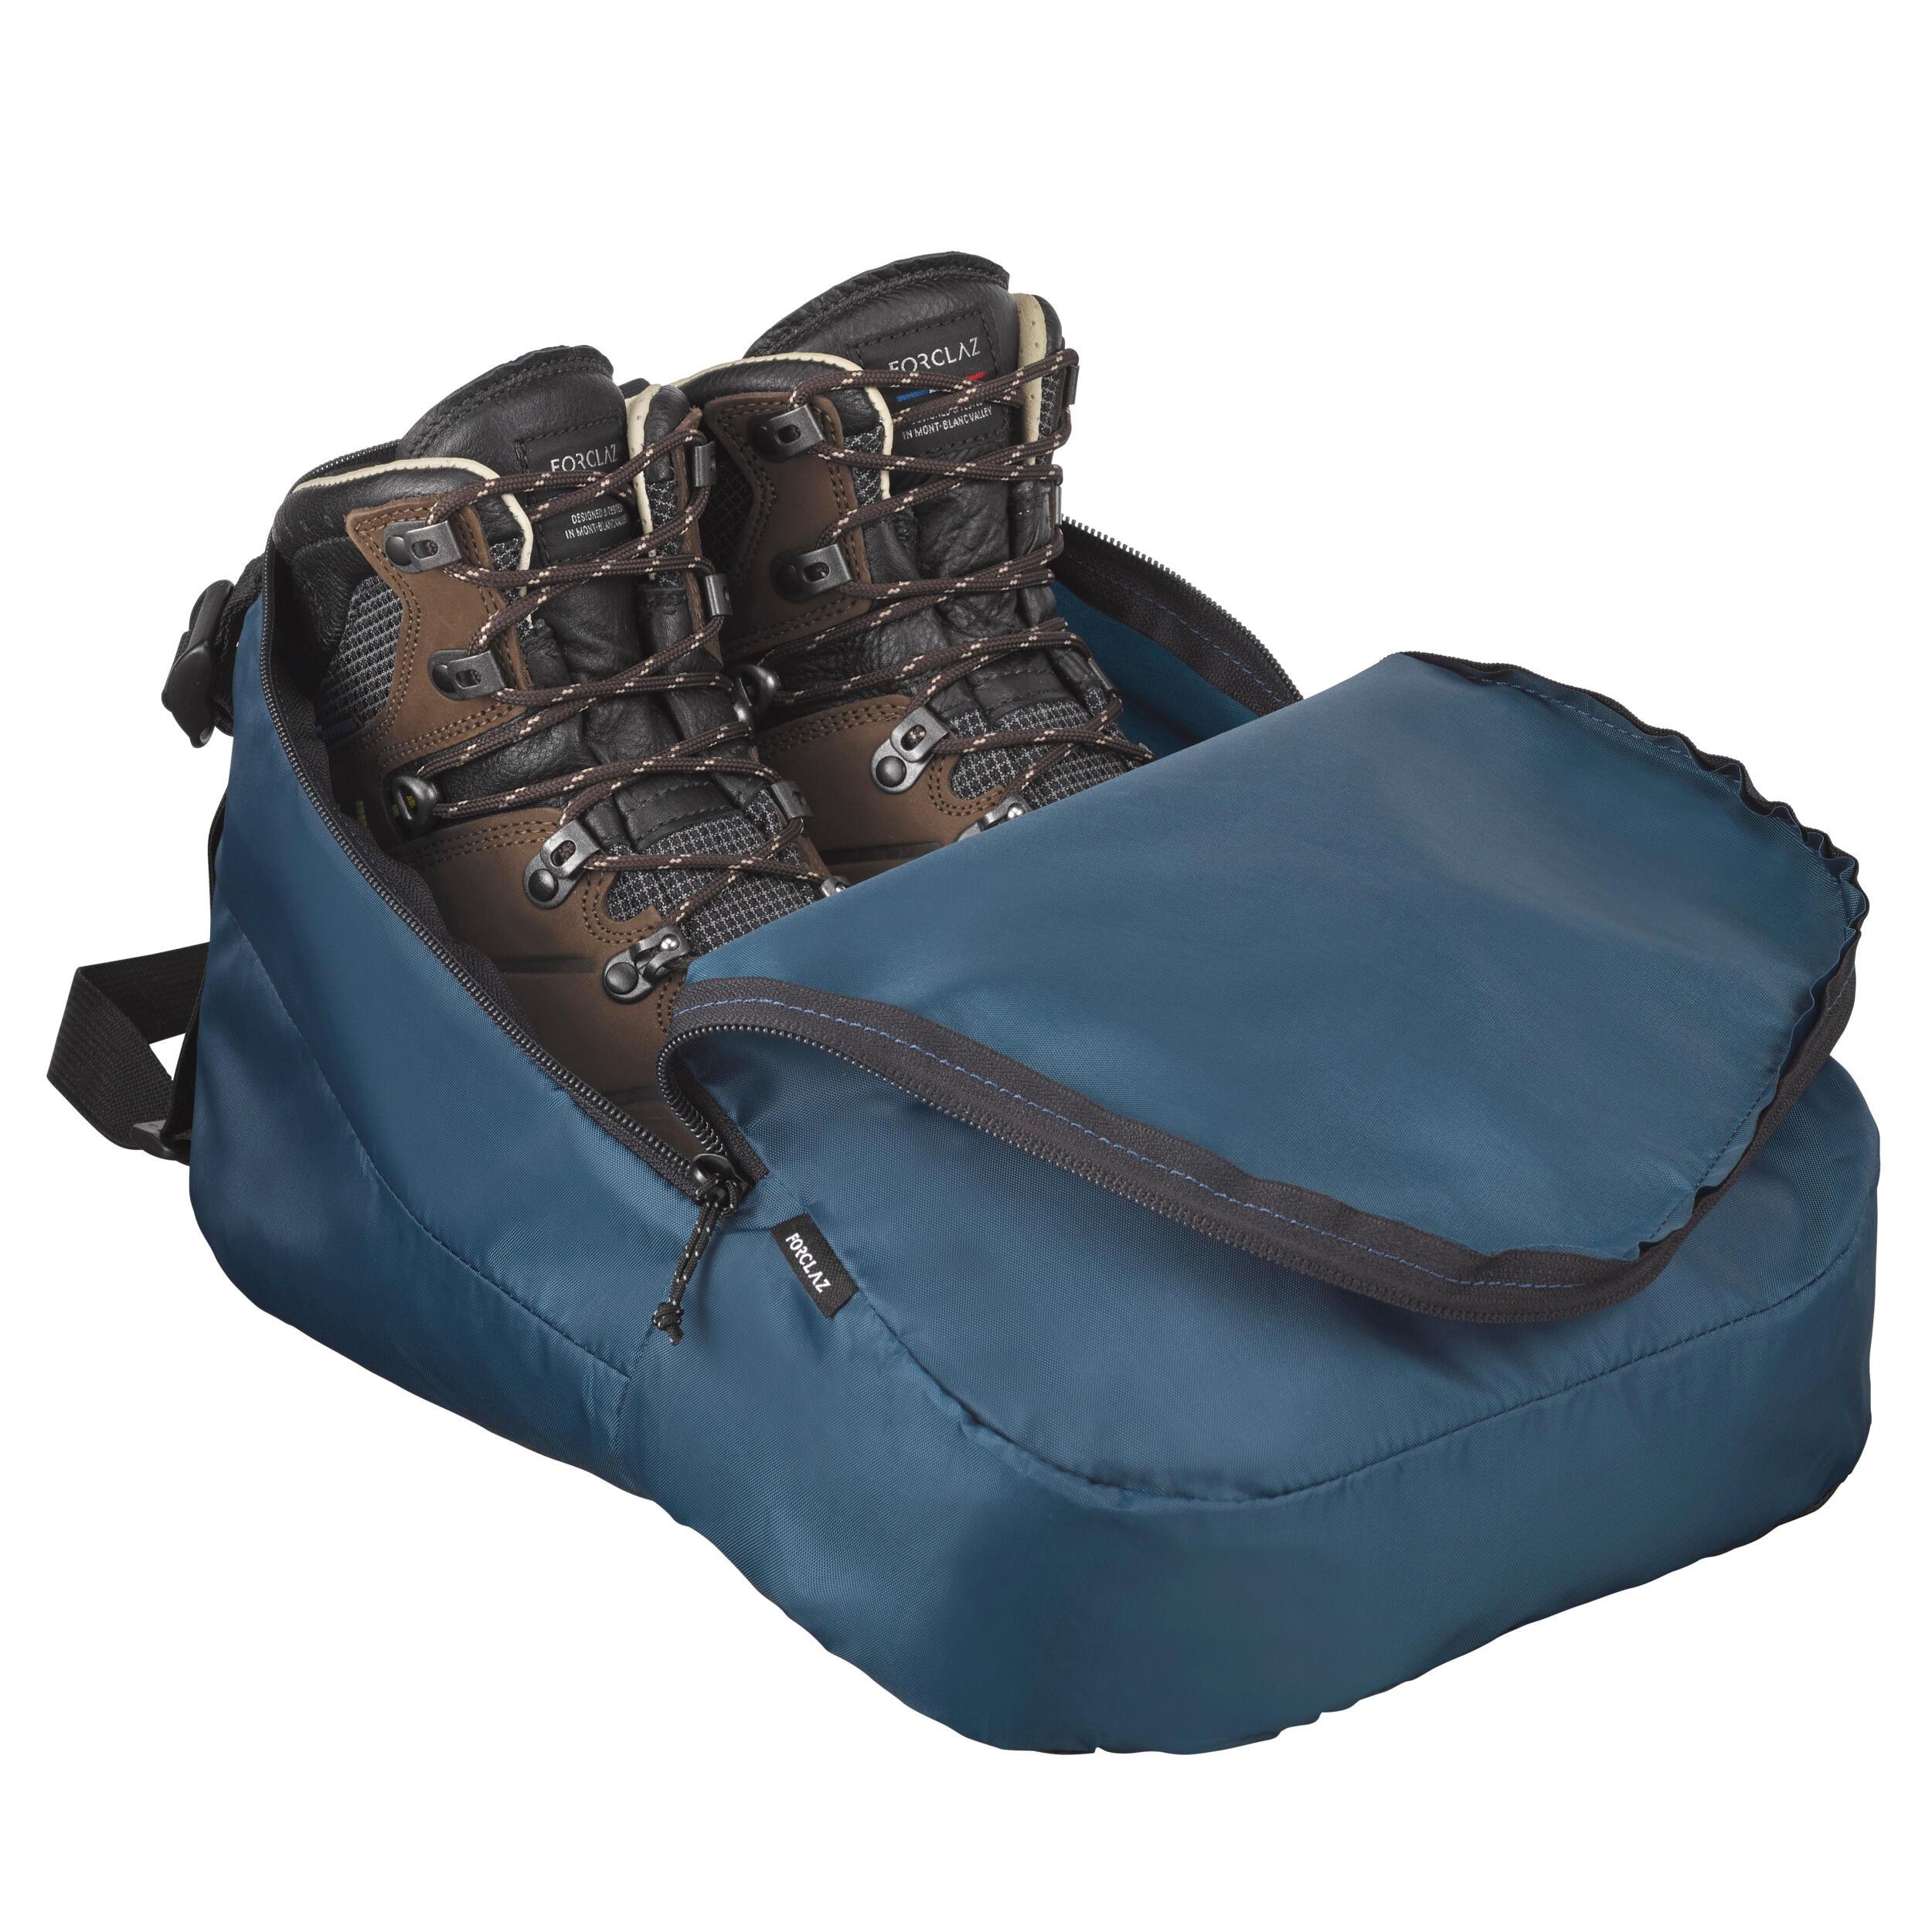 Schuhtasche für Wanderschuhe Größe 36 bis 46 | Schuhe > Outdoorschuhe > Wanderschuhe | Forclaz